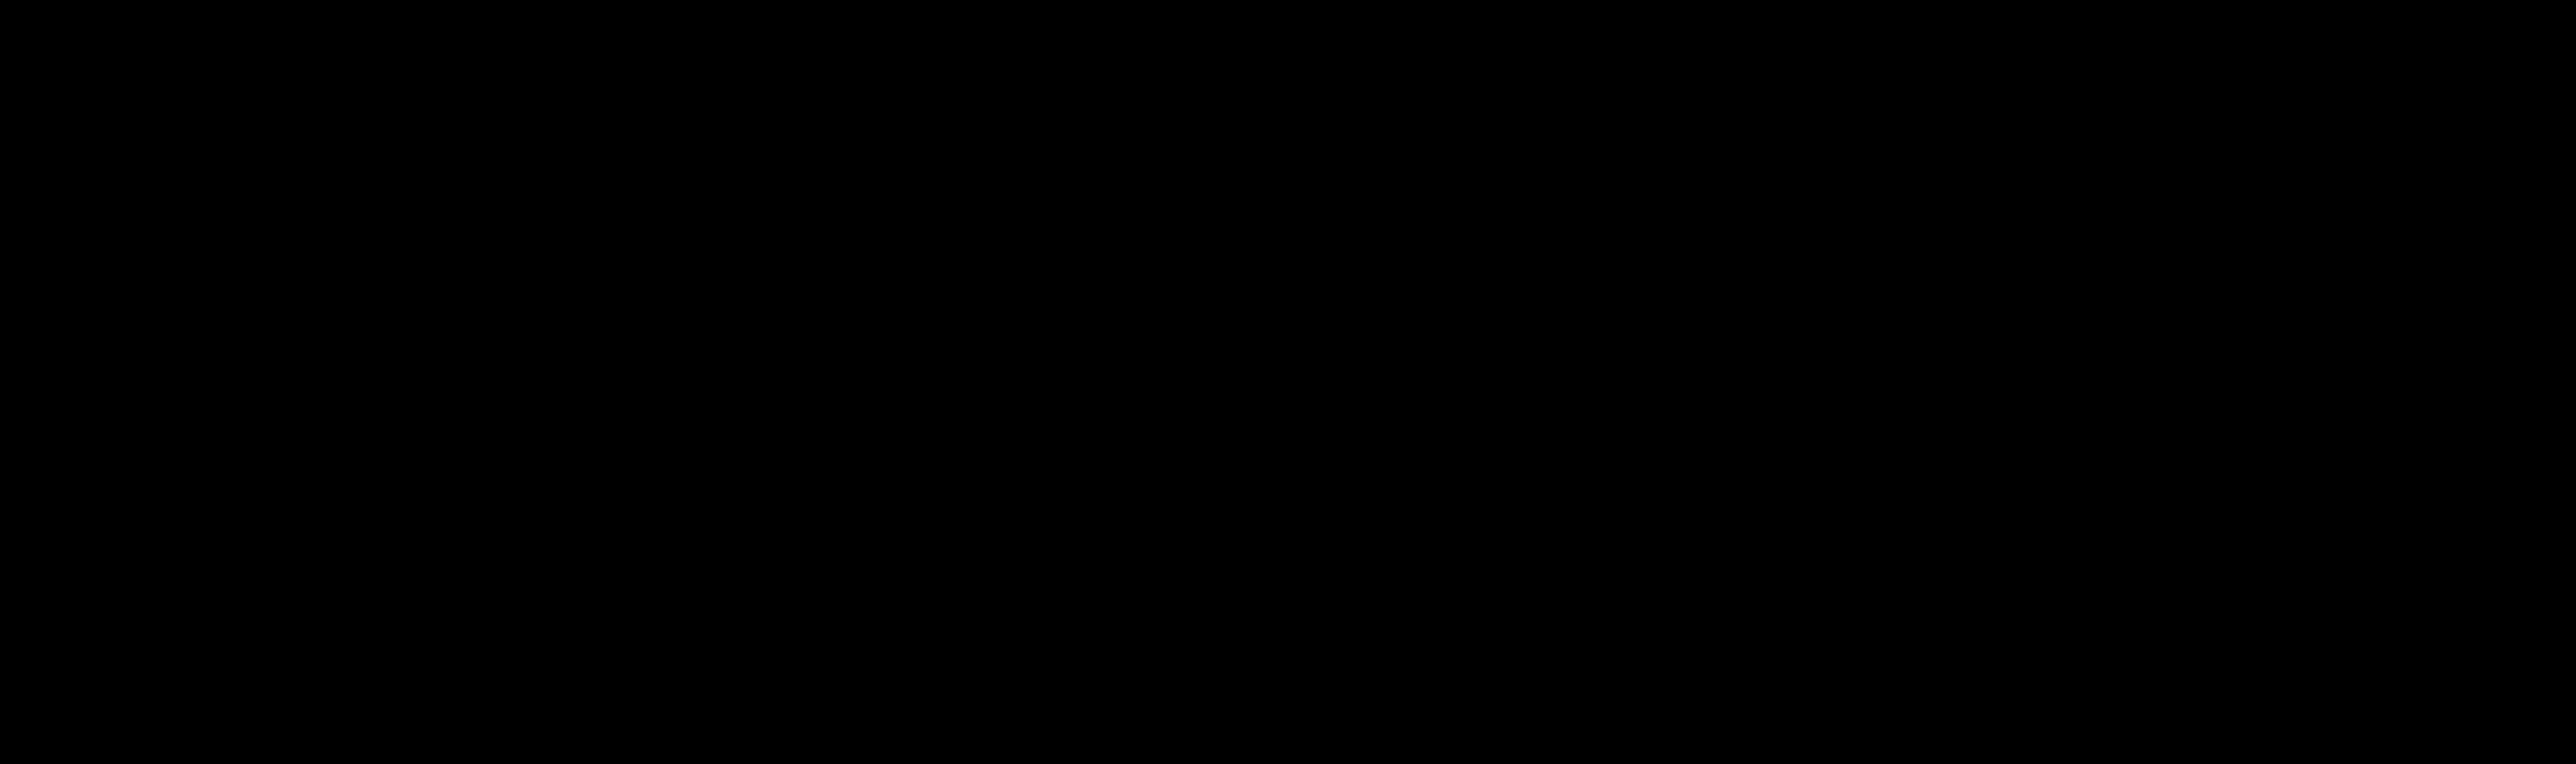 Servicio de confianza